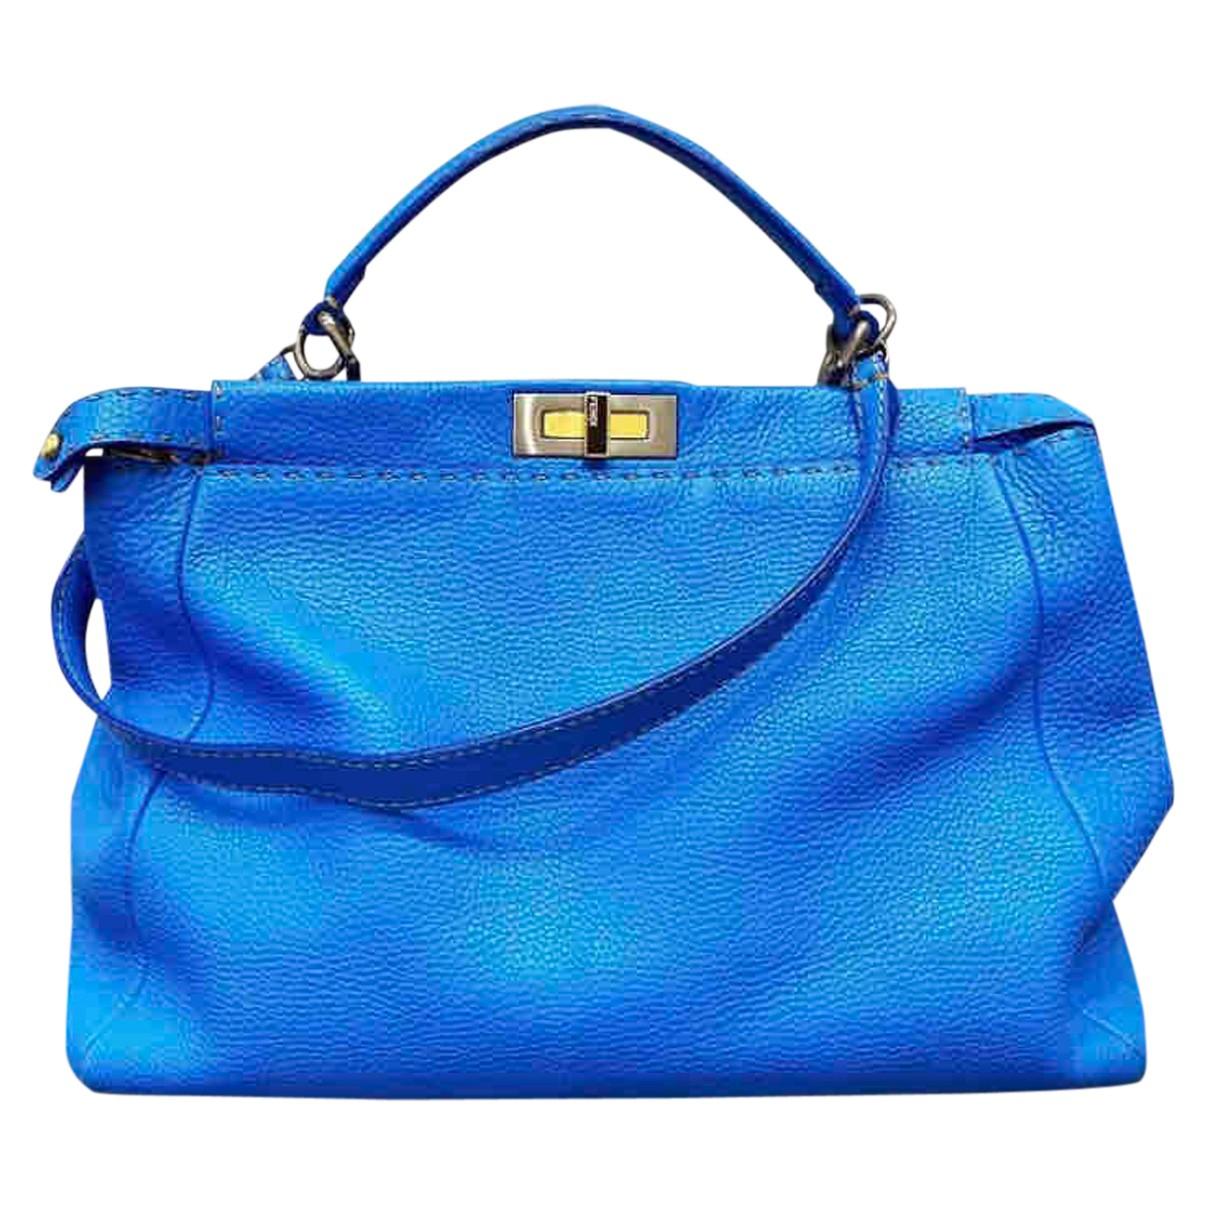 Fendi Peekaboo Handtasche in  Blau Leder